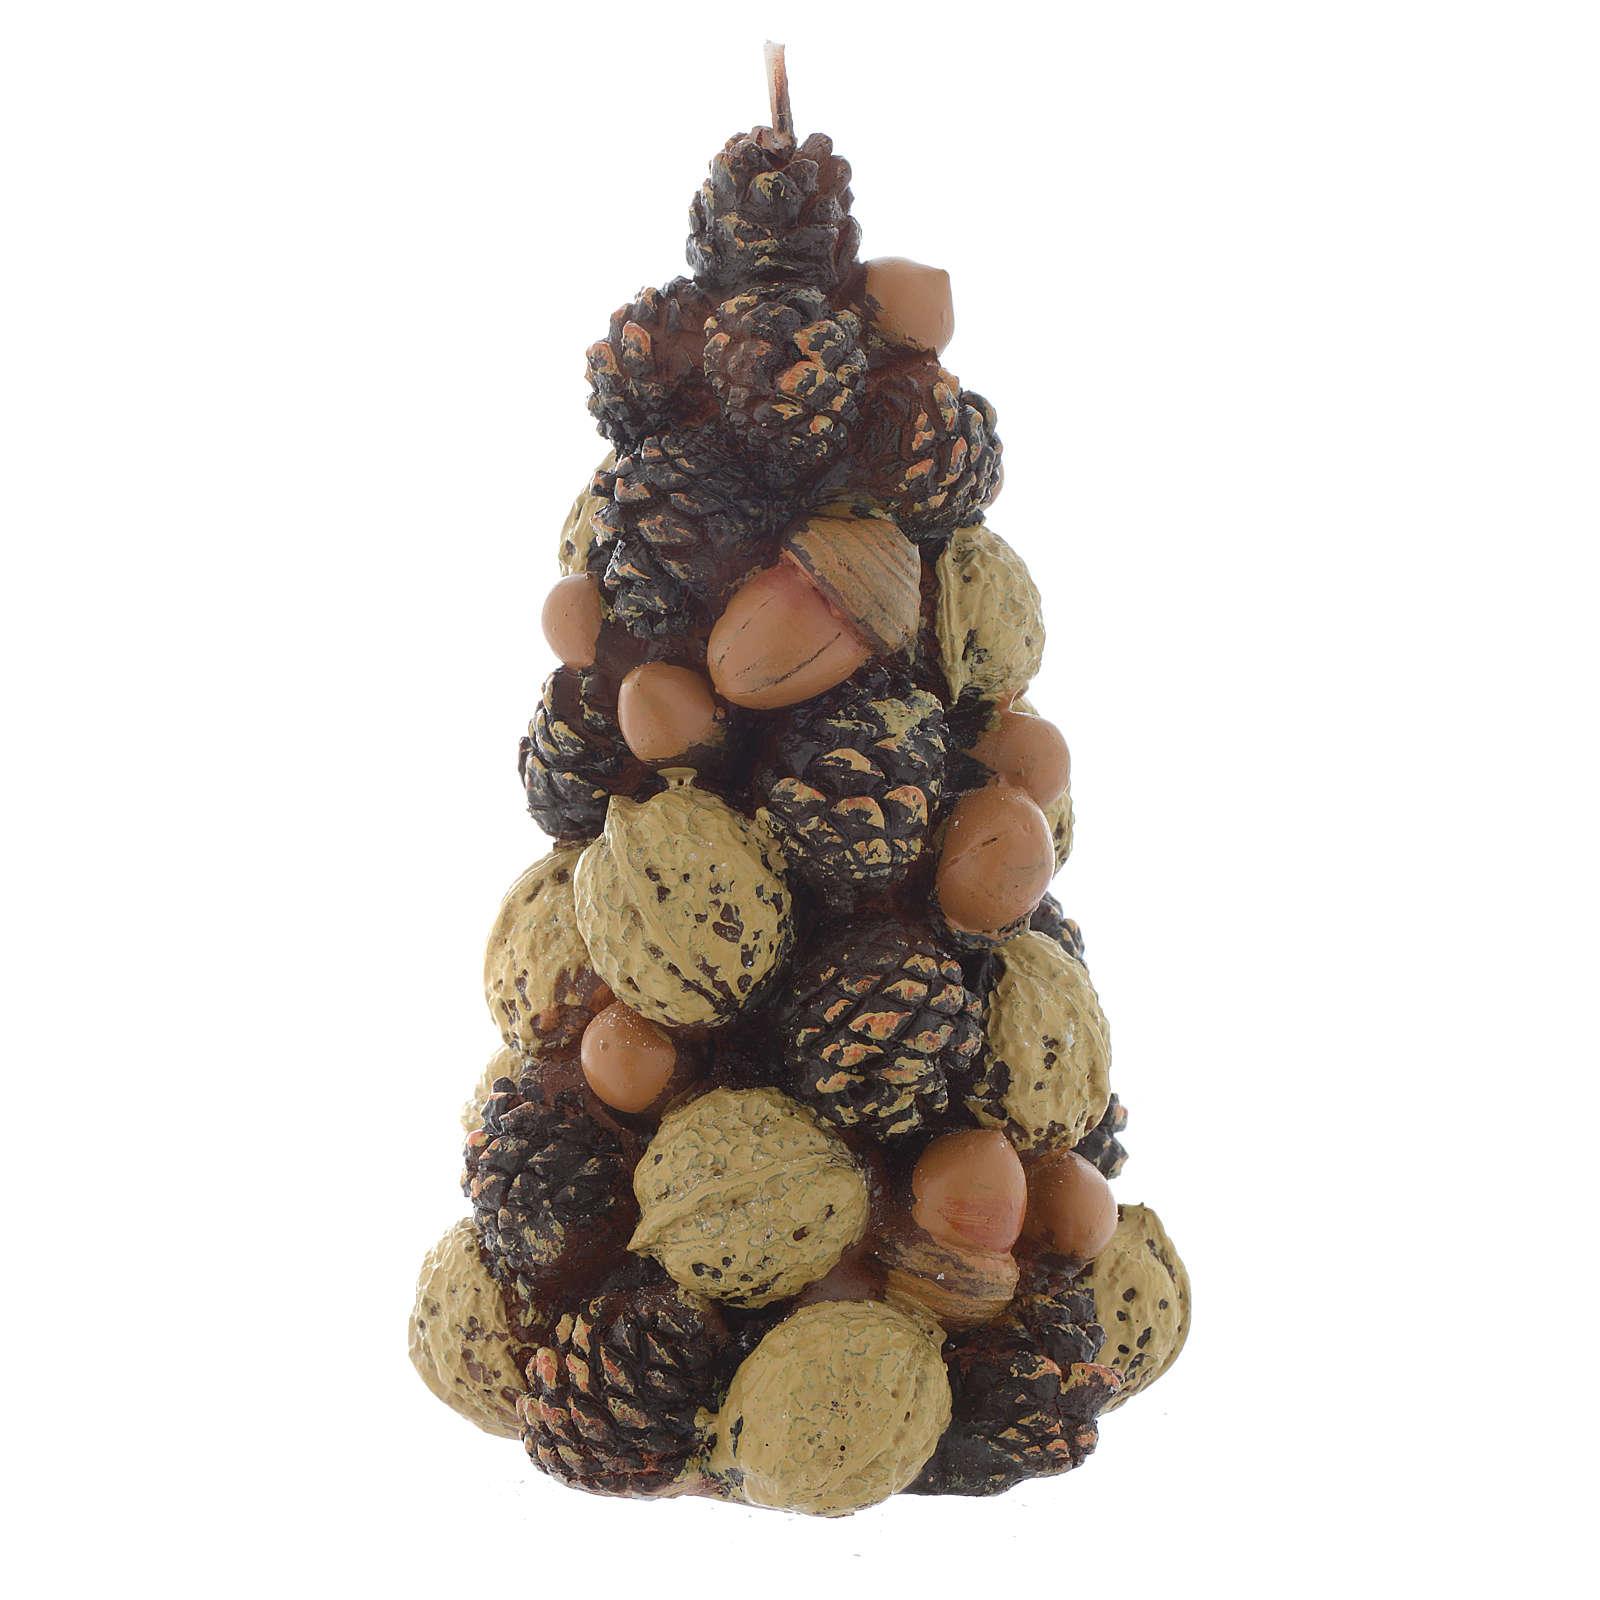 Weihnachtskerze Baum mit Nussen 15cm 3